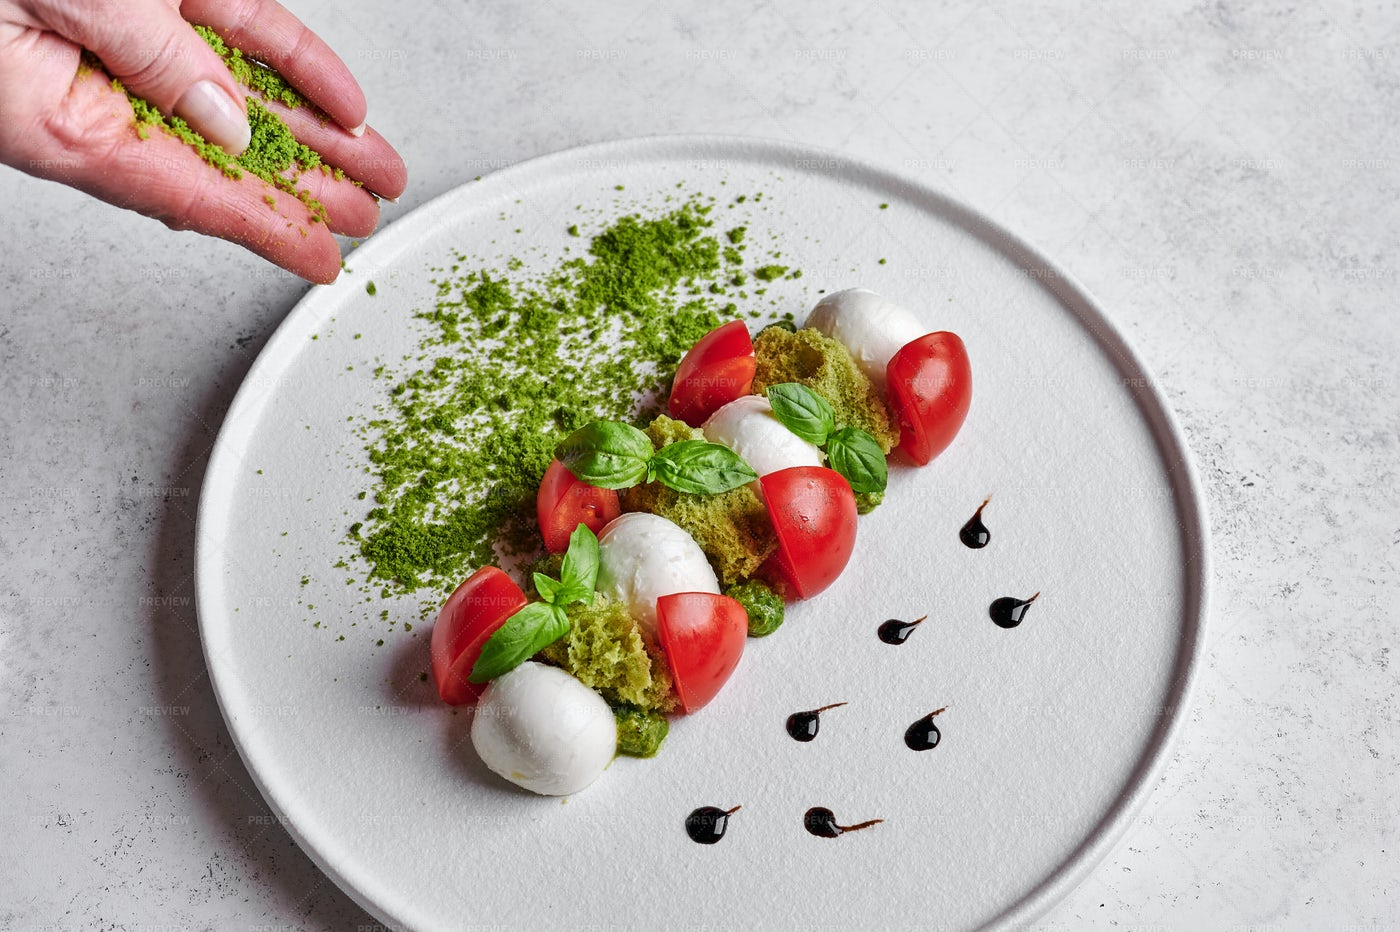 Decorating A Salad Plate: Stock Photos